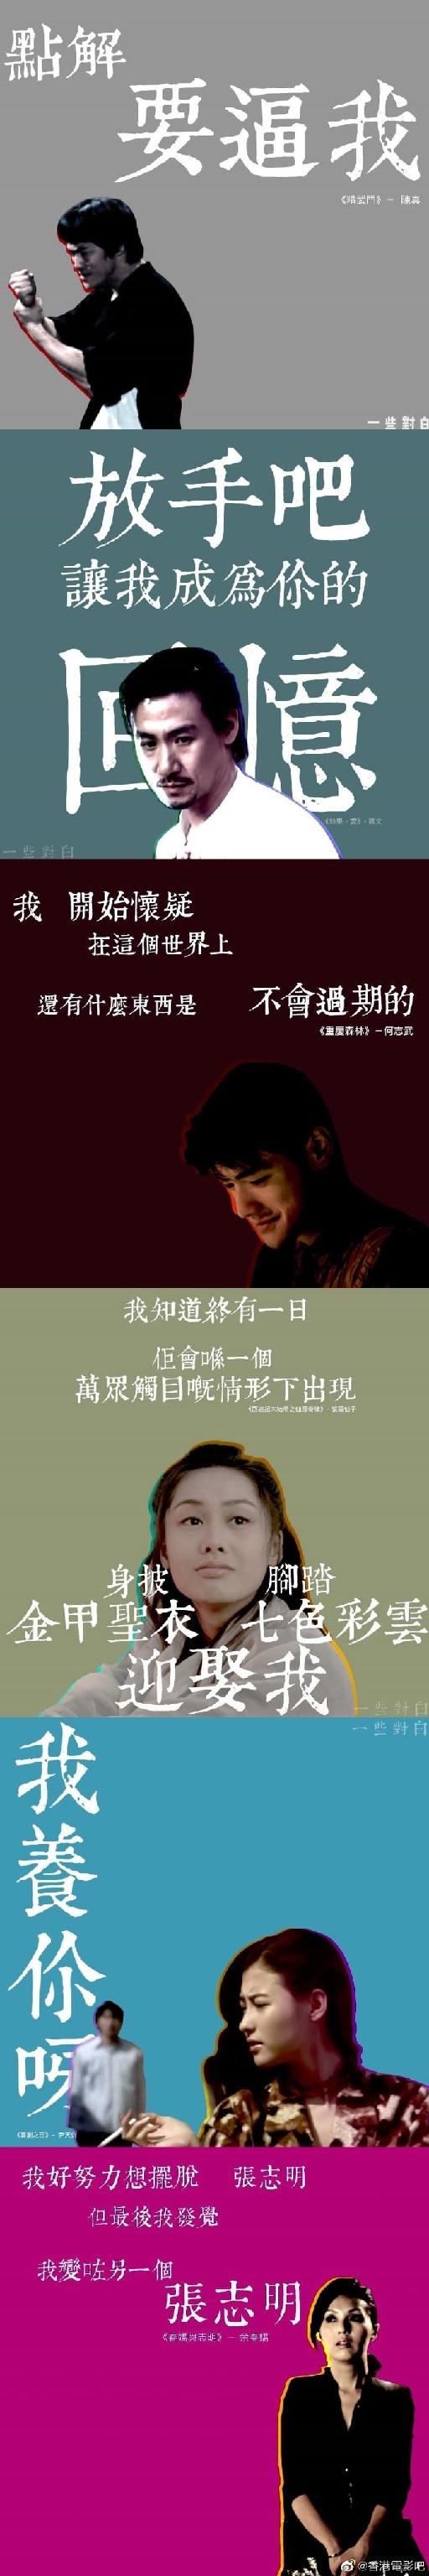 香港映画と台詞3